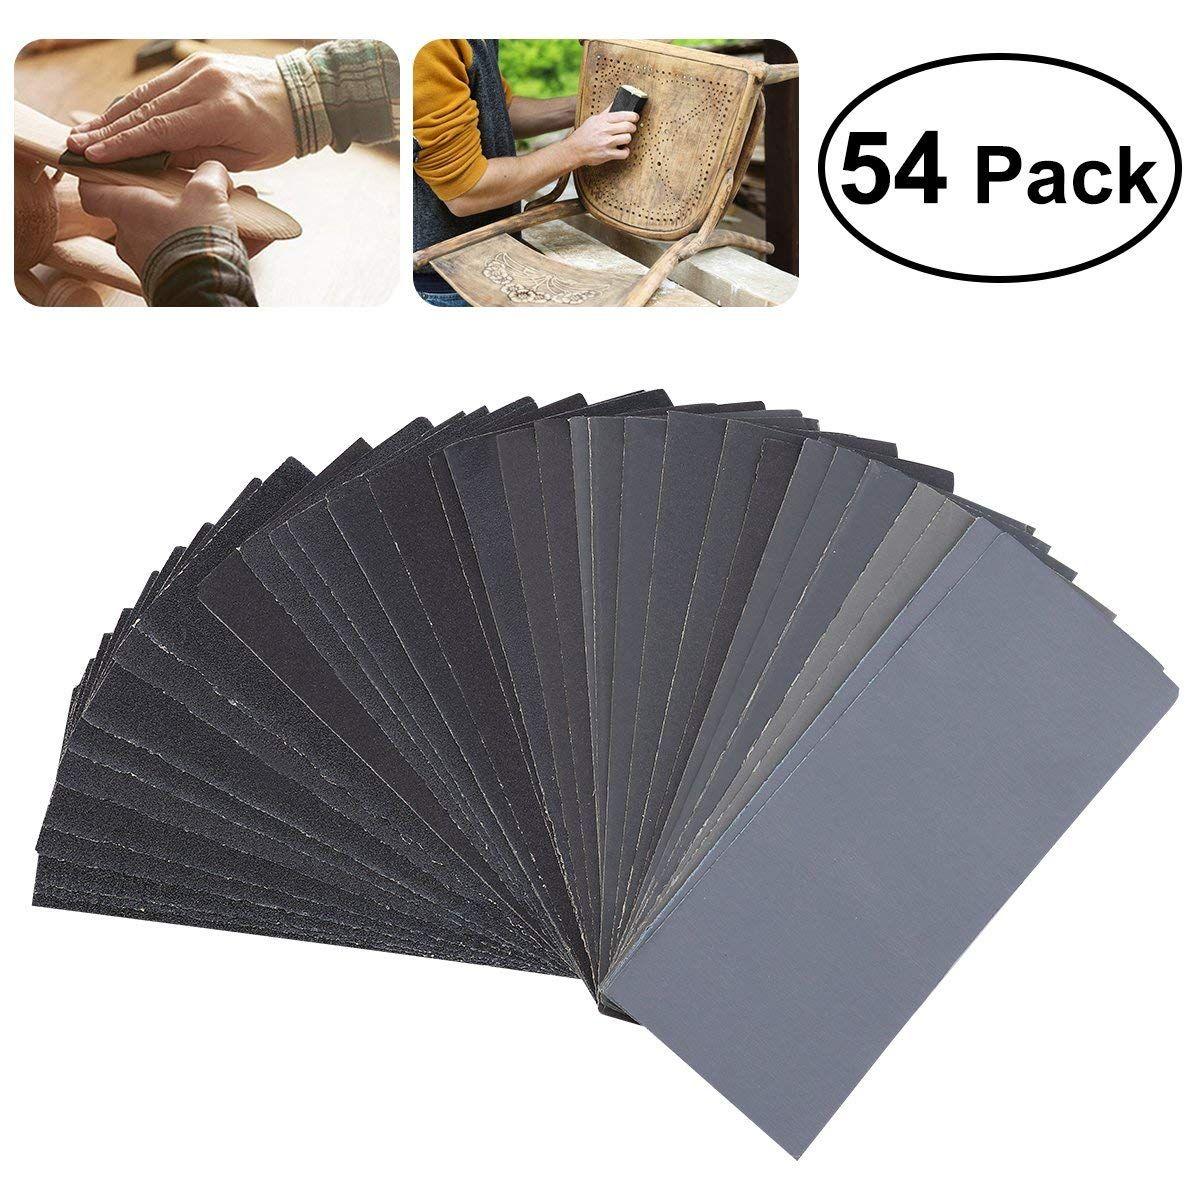 Hot Sale 54pcs 60 To 3000 Grit Sandpaper Assortment Wet Dry Sand Paper For Automotive Sanding Wood Sale 54pcs 3000 Grit Sandpaper Assortment With Images Sanding Wood